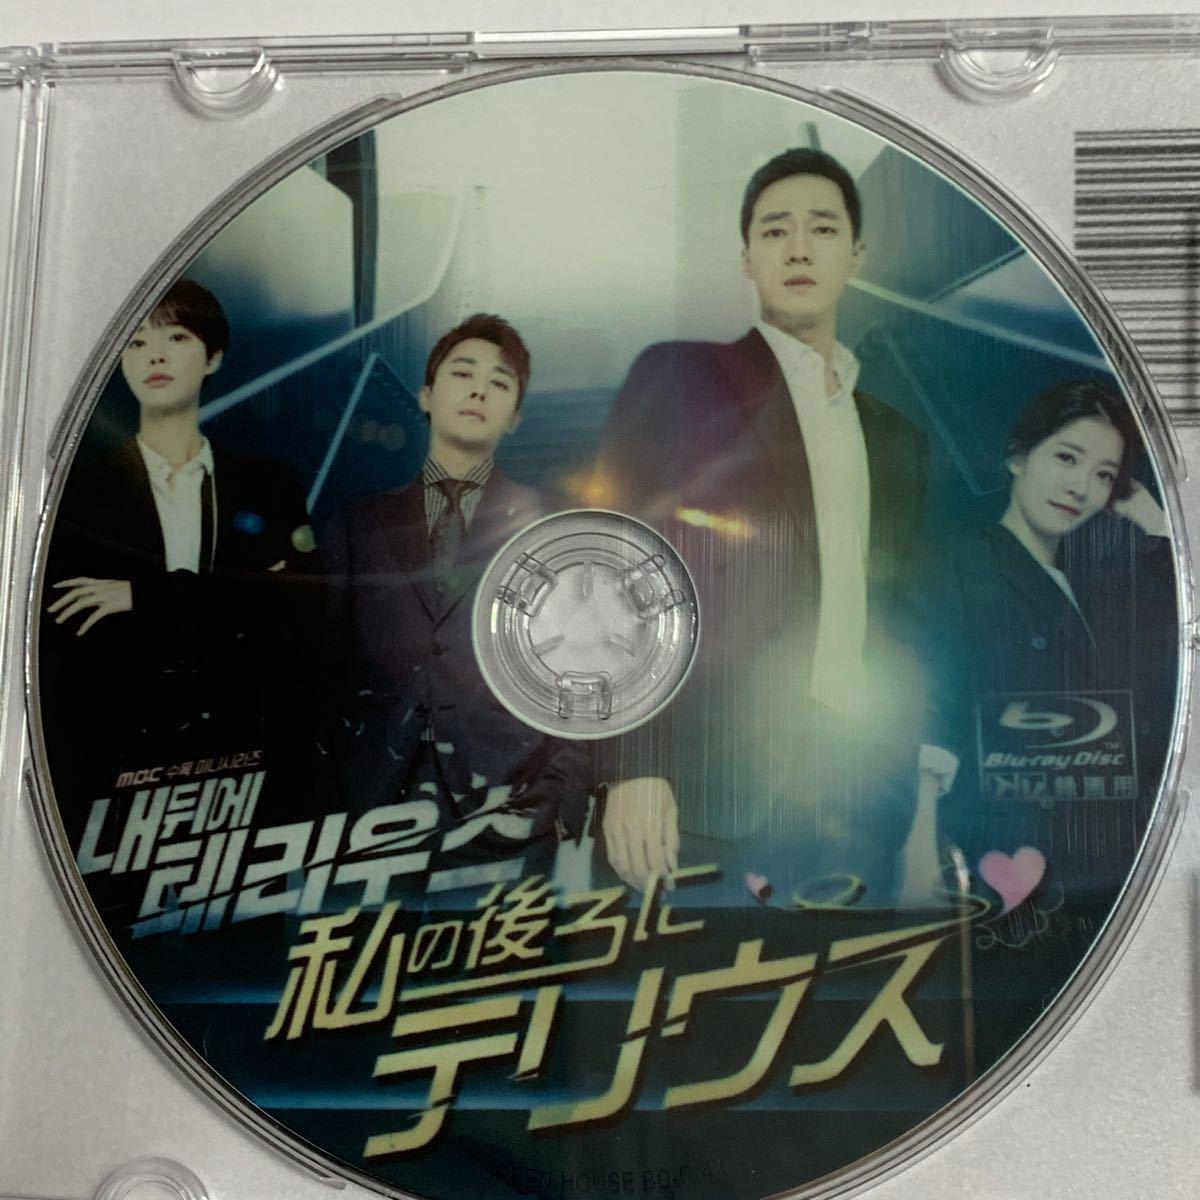 ☆韓国ドラマ☆『私の後ろにテリウス』 Blu-ray  全話 CDケース入